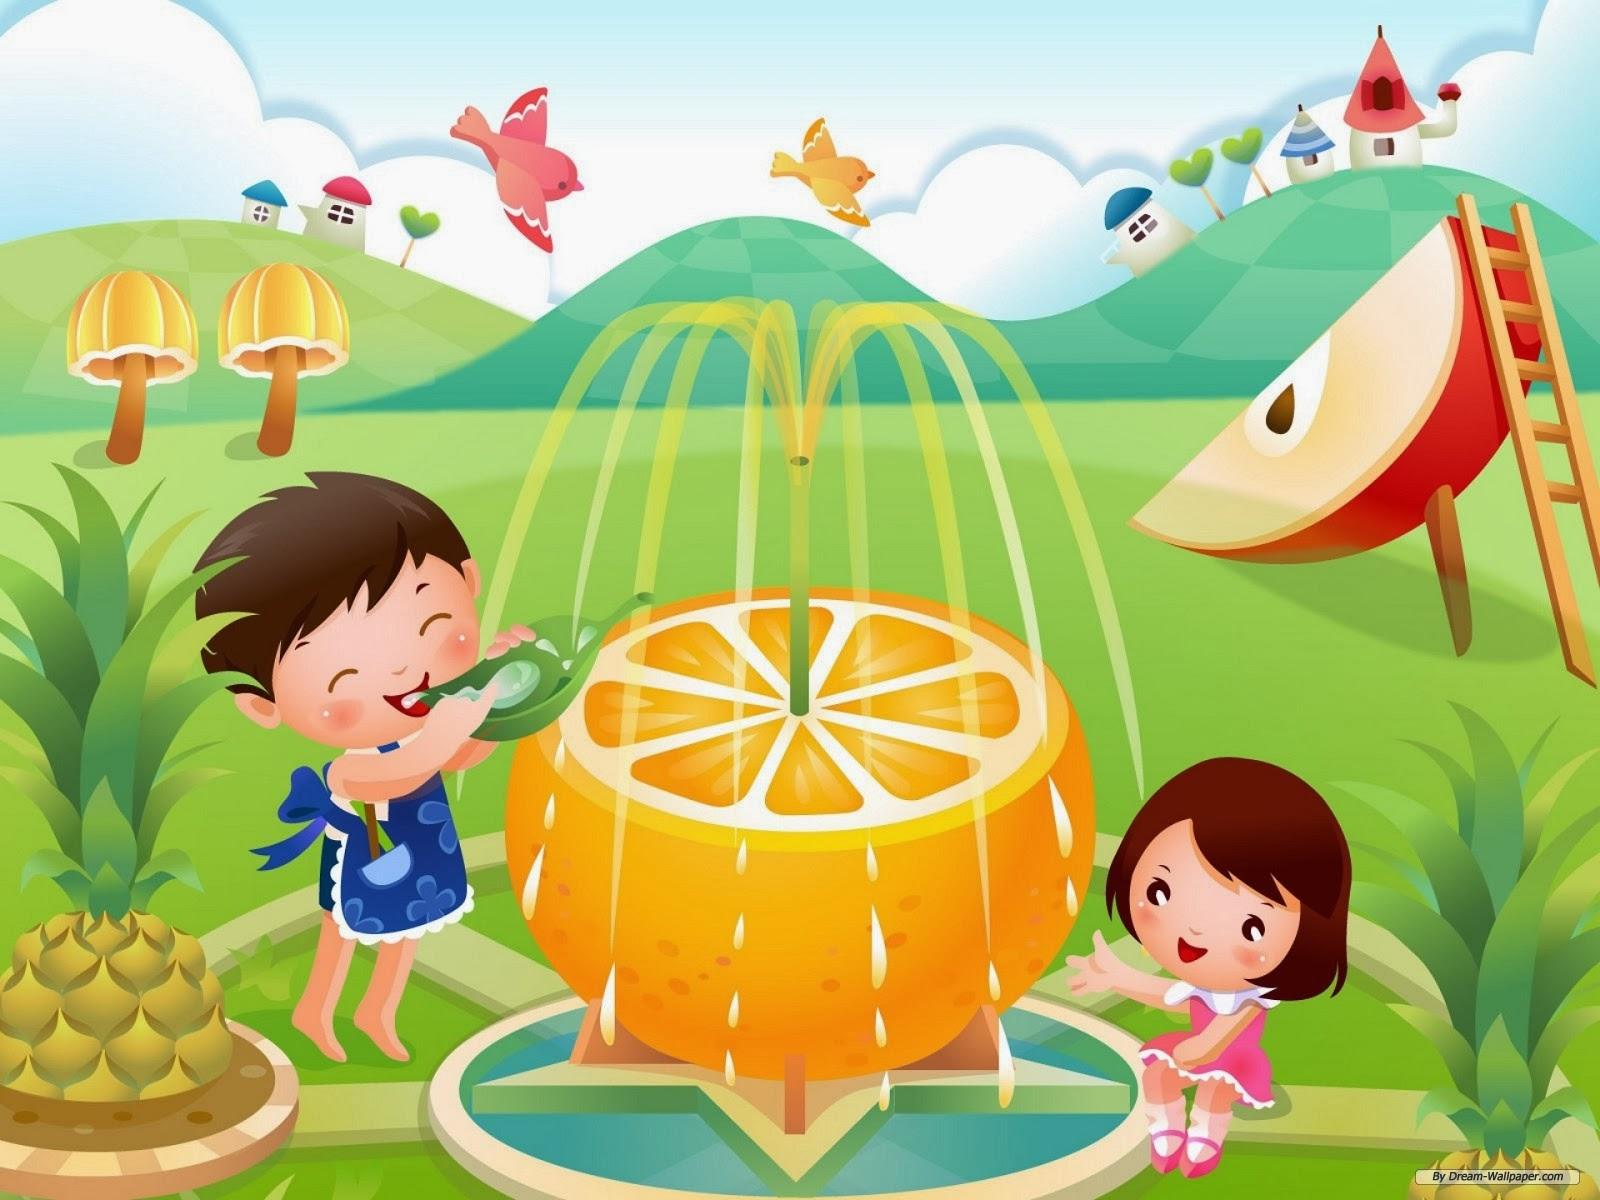 All new wallpaper Cute kids wallpaper children game 1600x1200